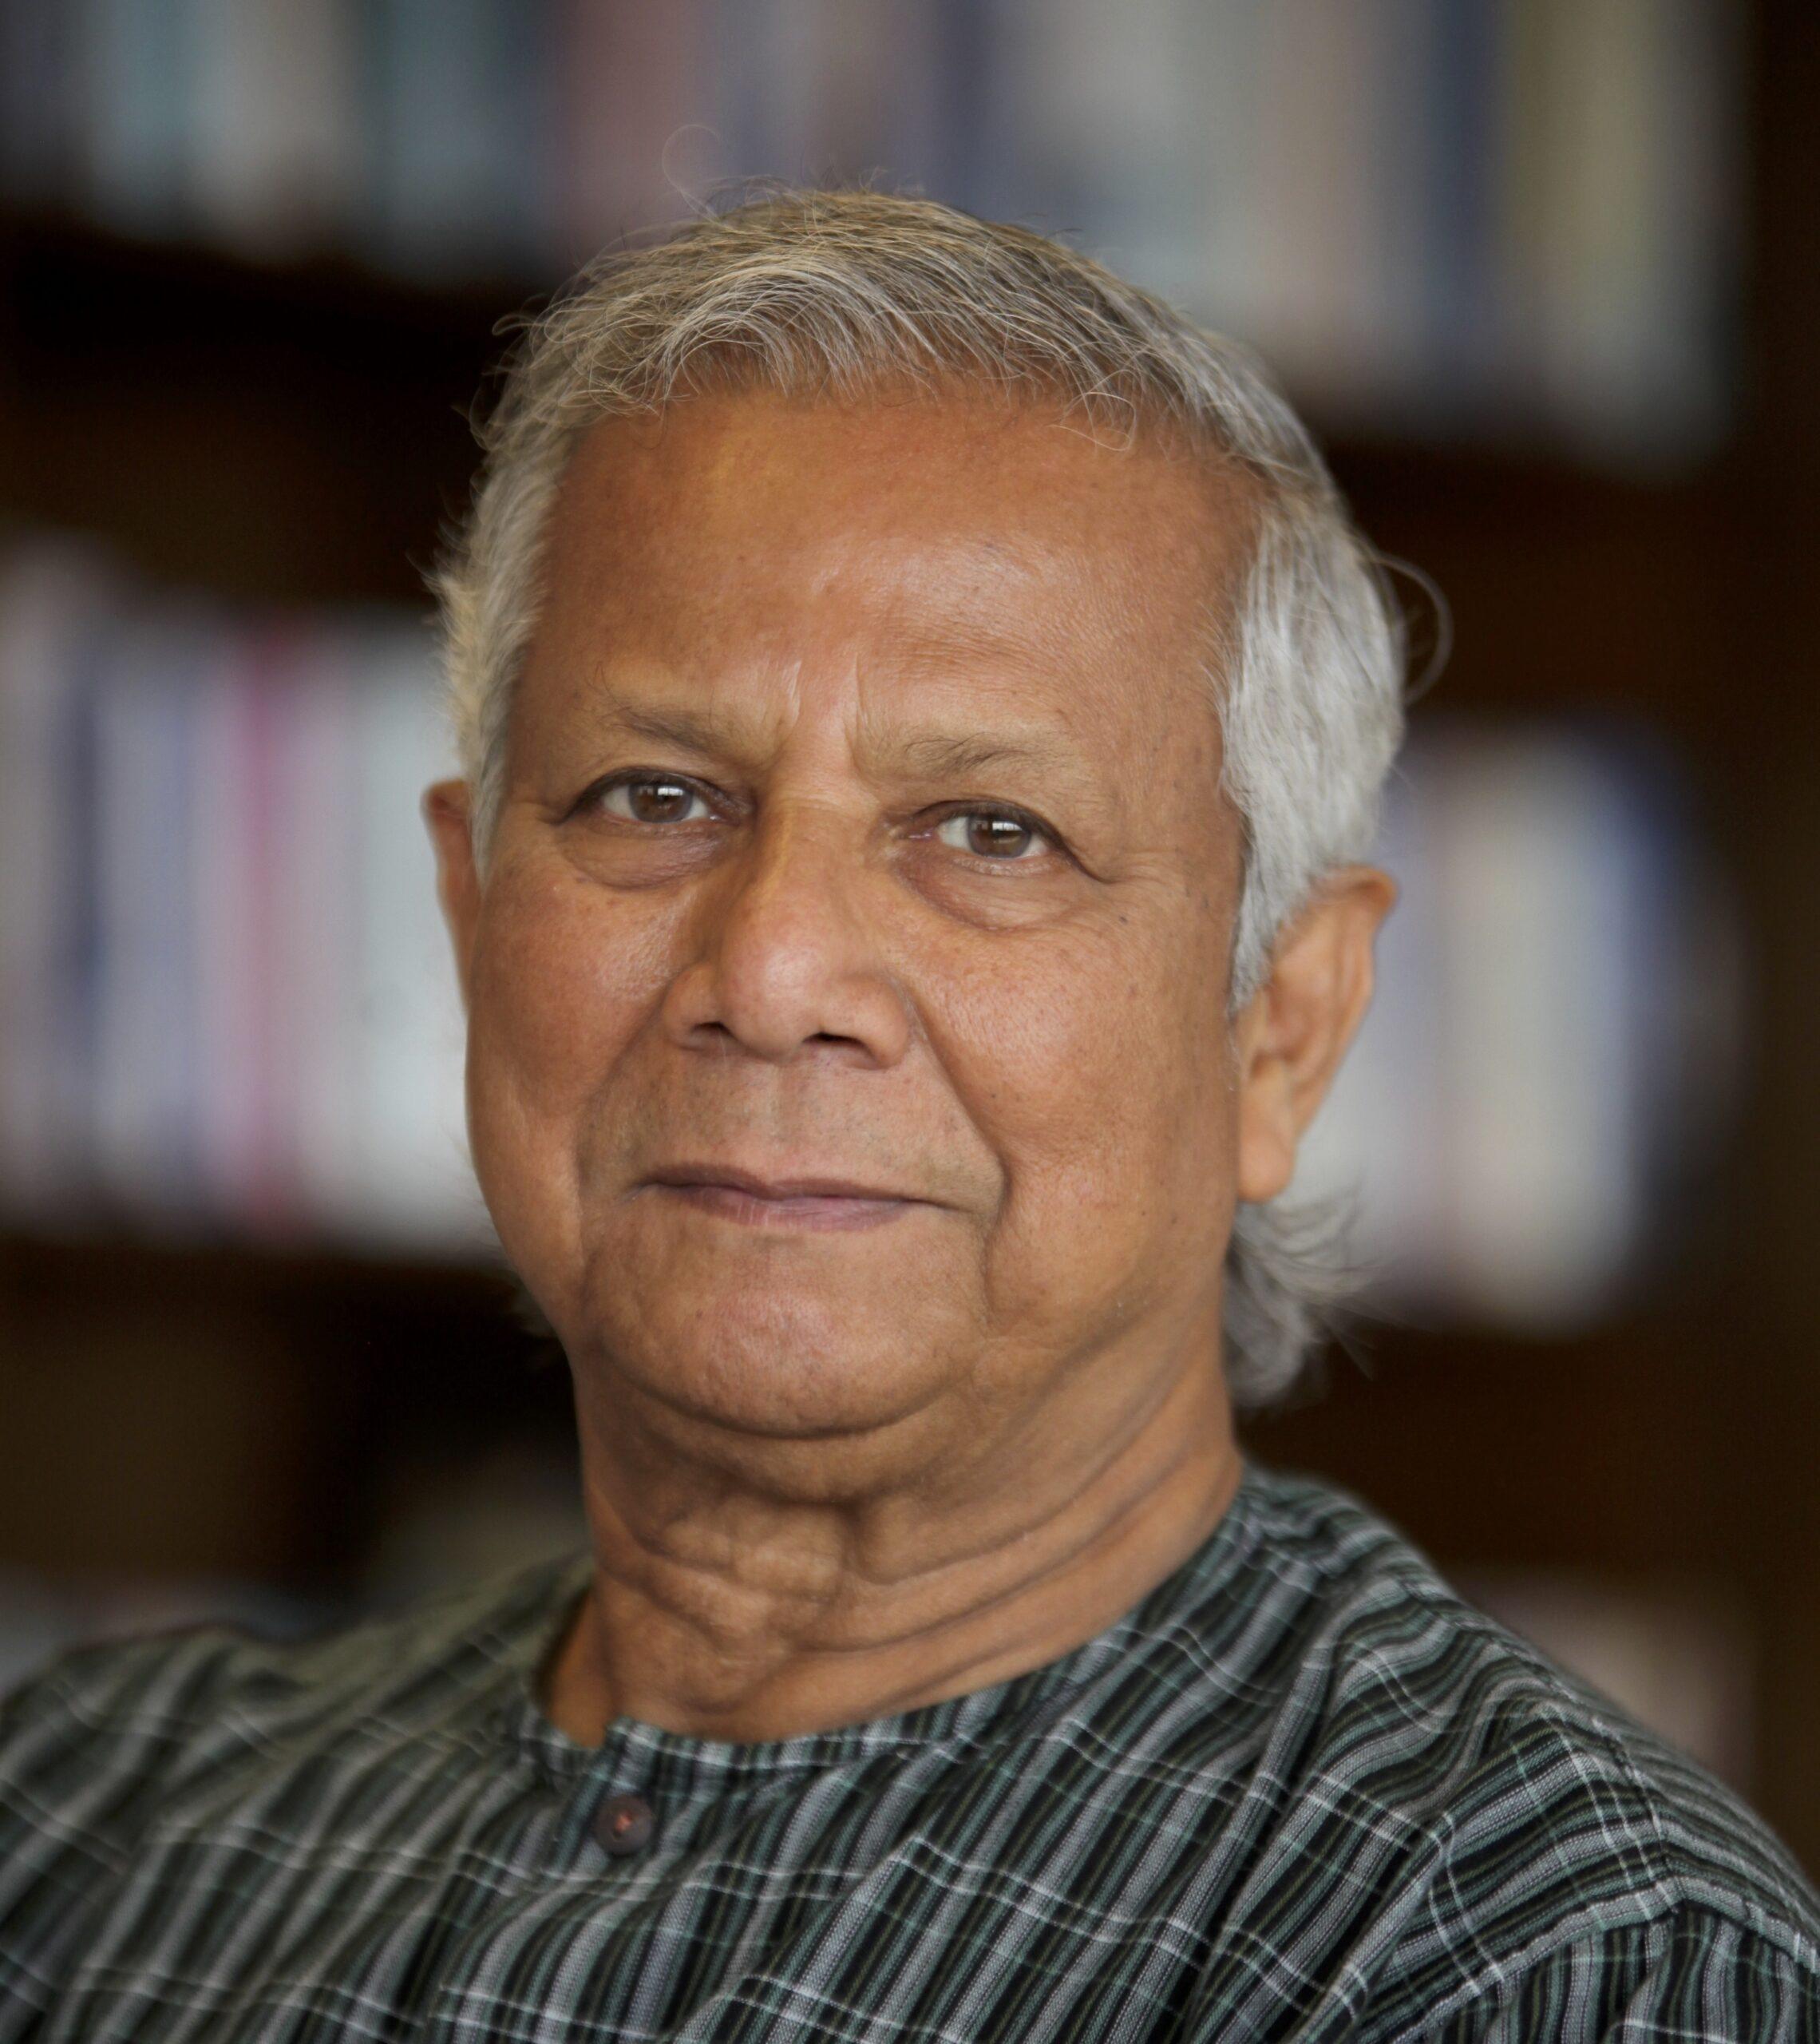 Muhammad Yunus, Nobel Laureate Professor